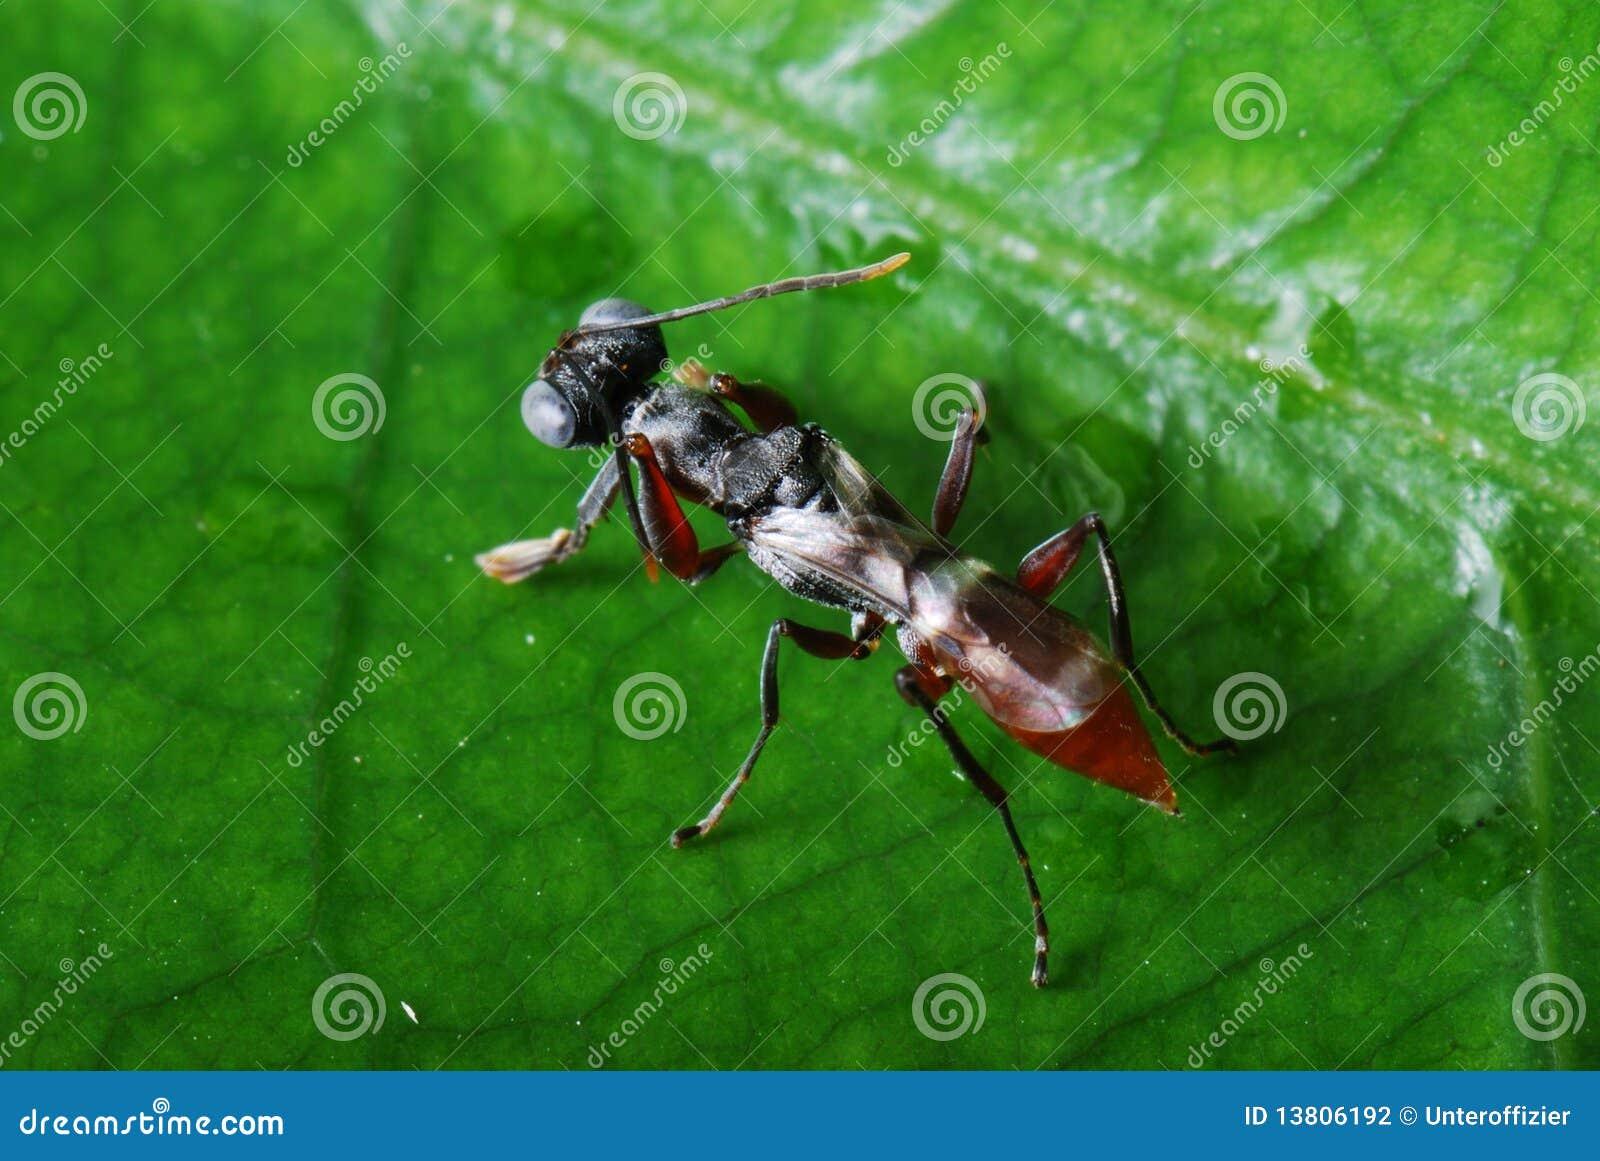 Praying Mantis Nymph stock photo. Image of ecology, green - 13806192